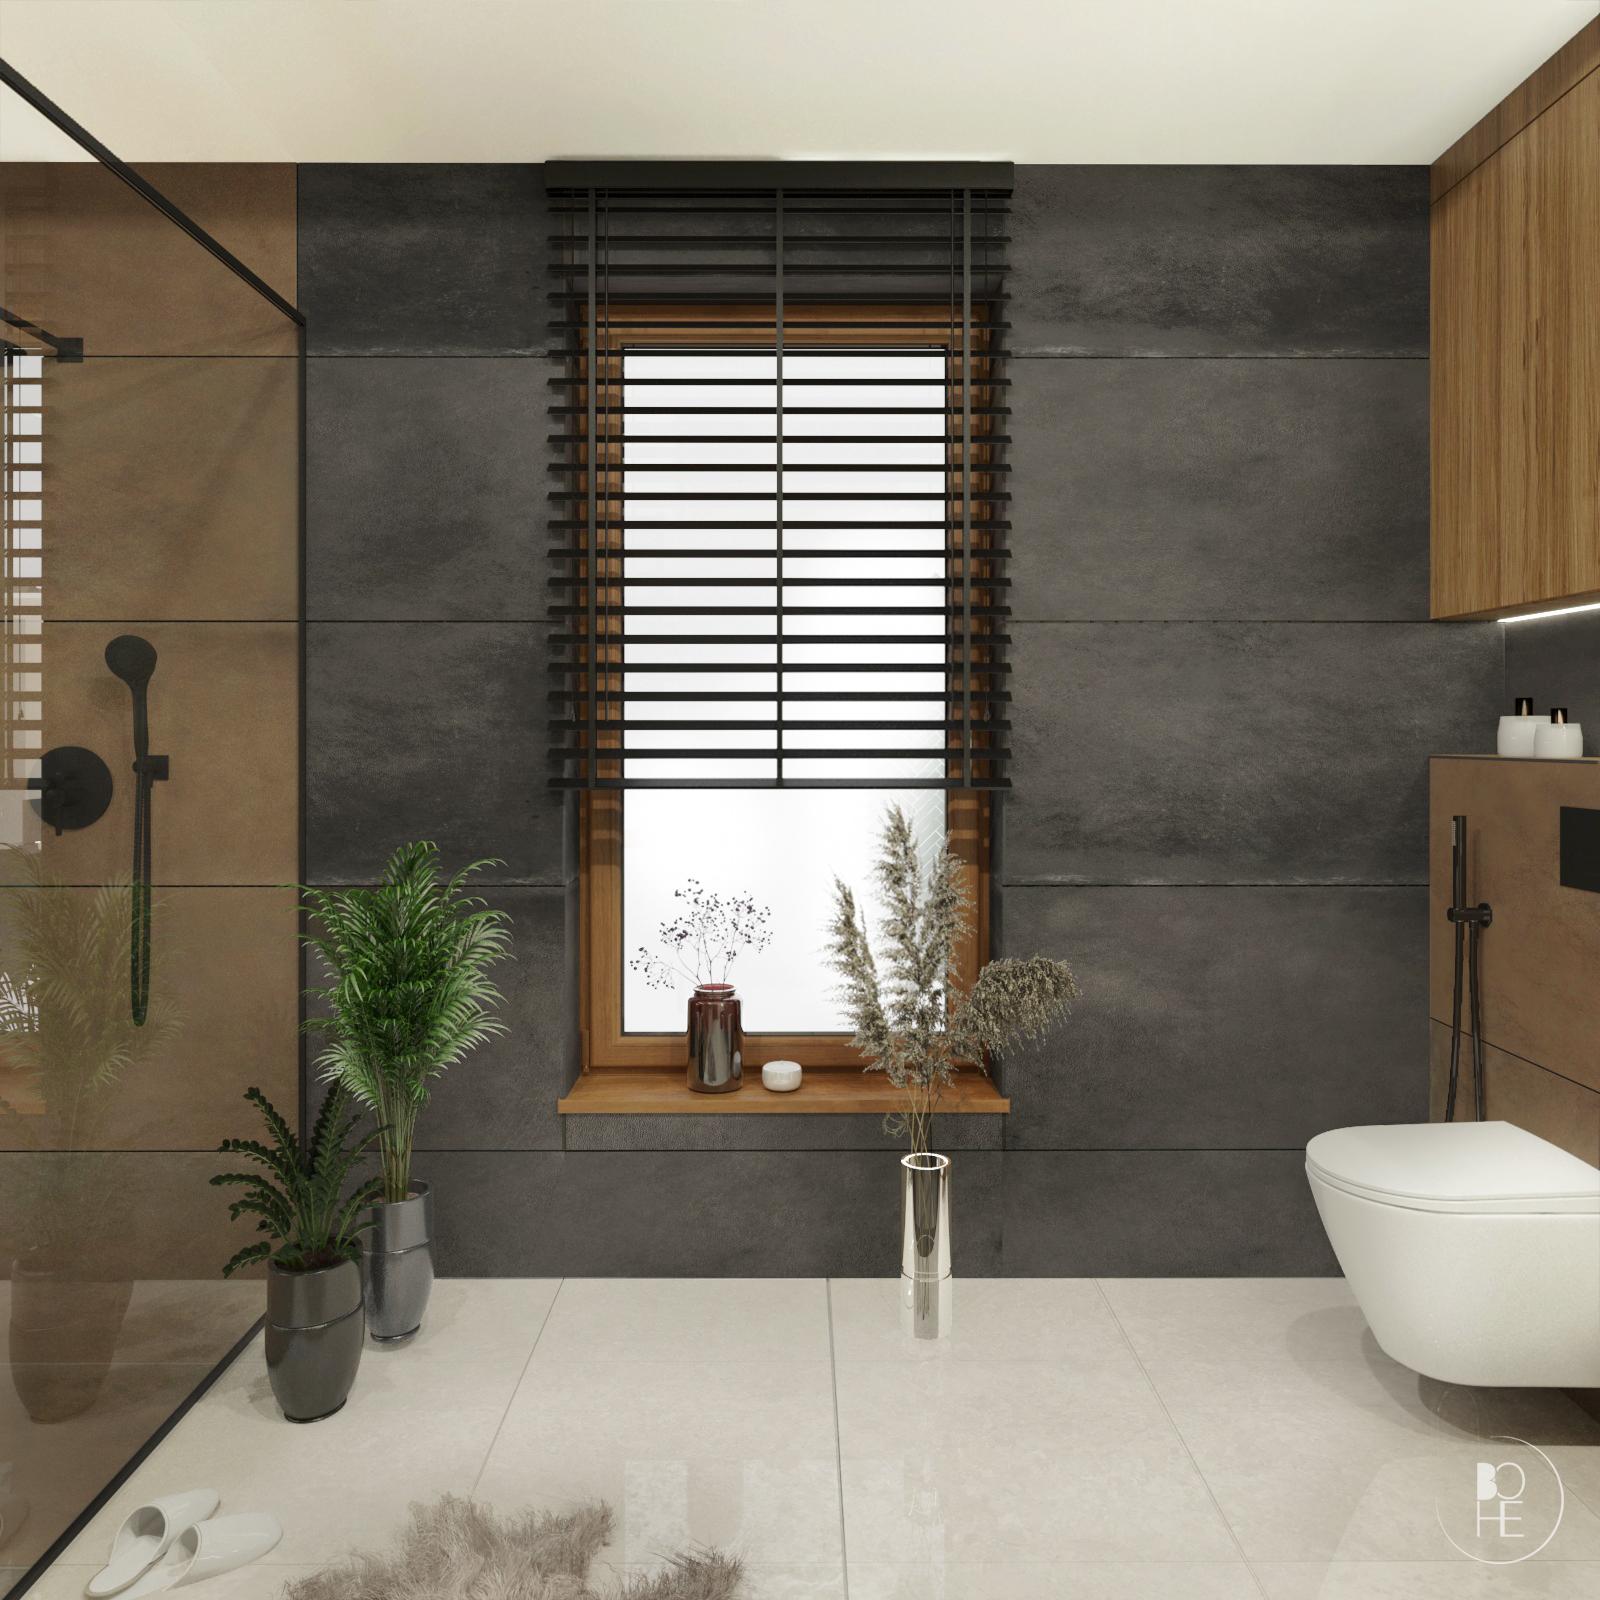 nowoczesna łazienka domowa strefa relaksu w ziemistych kolorach warszawa kraków toruń architekt wnętrz białystok